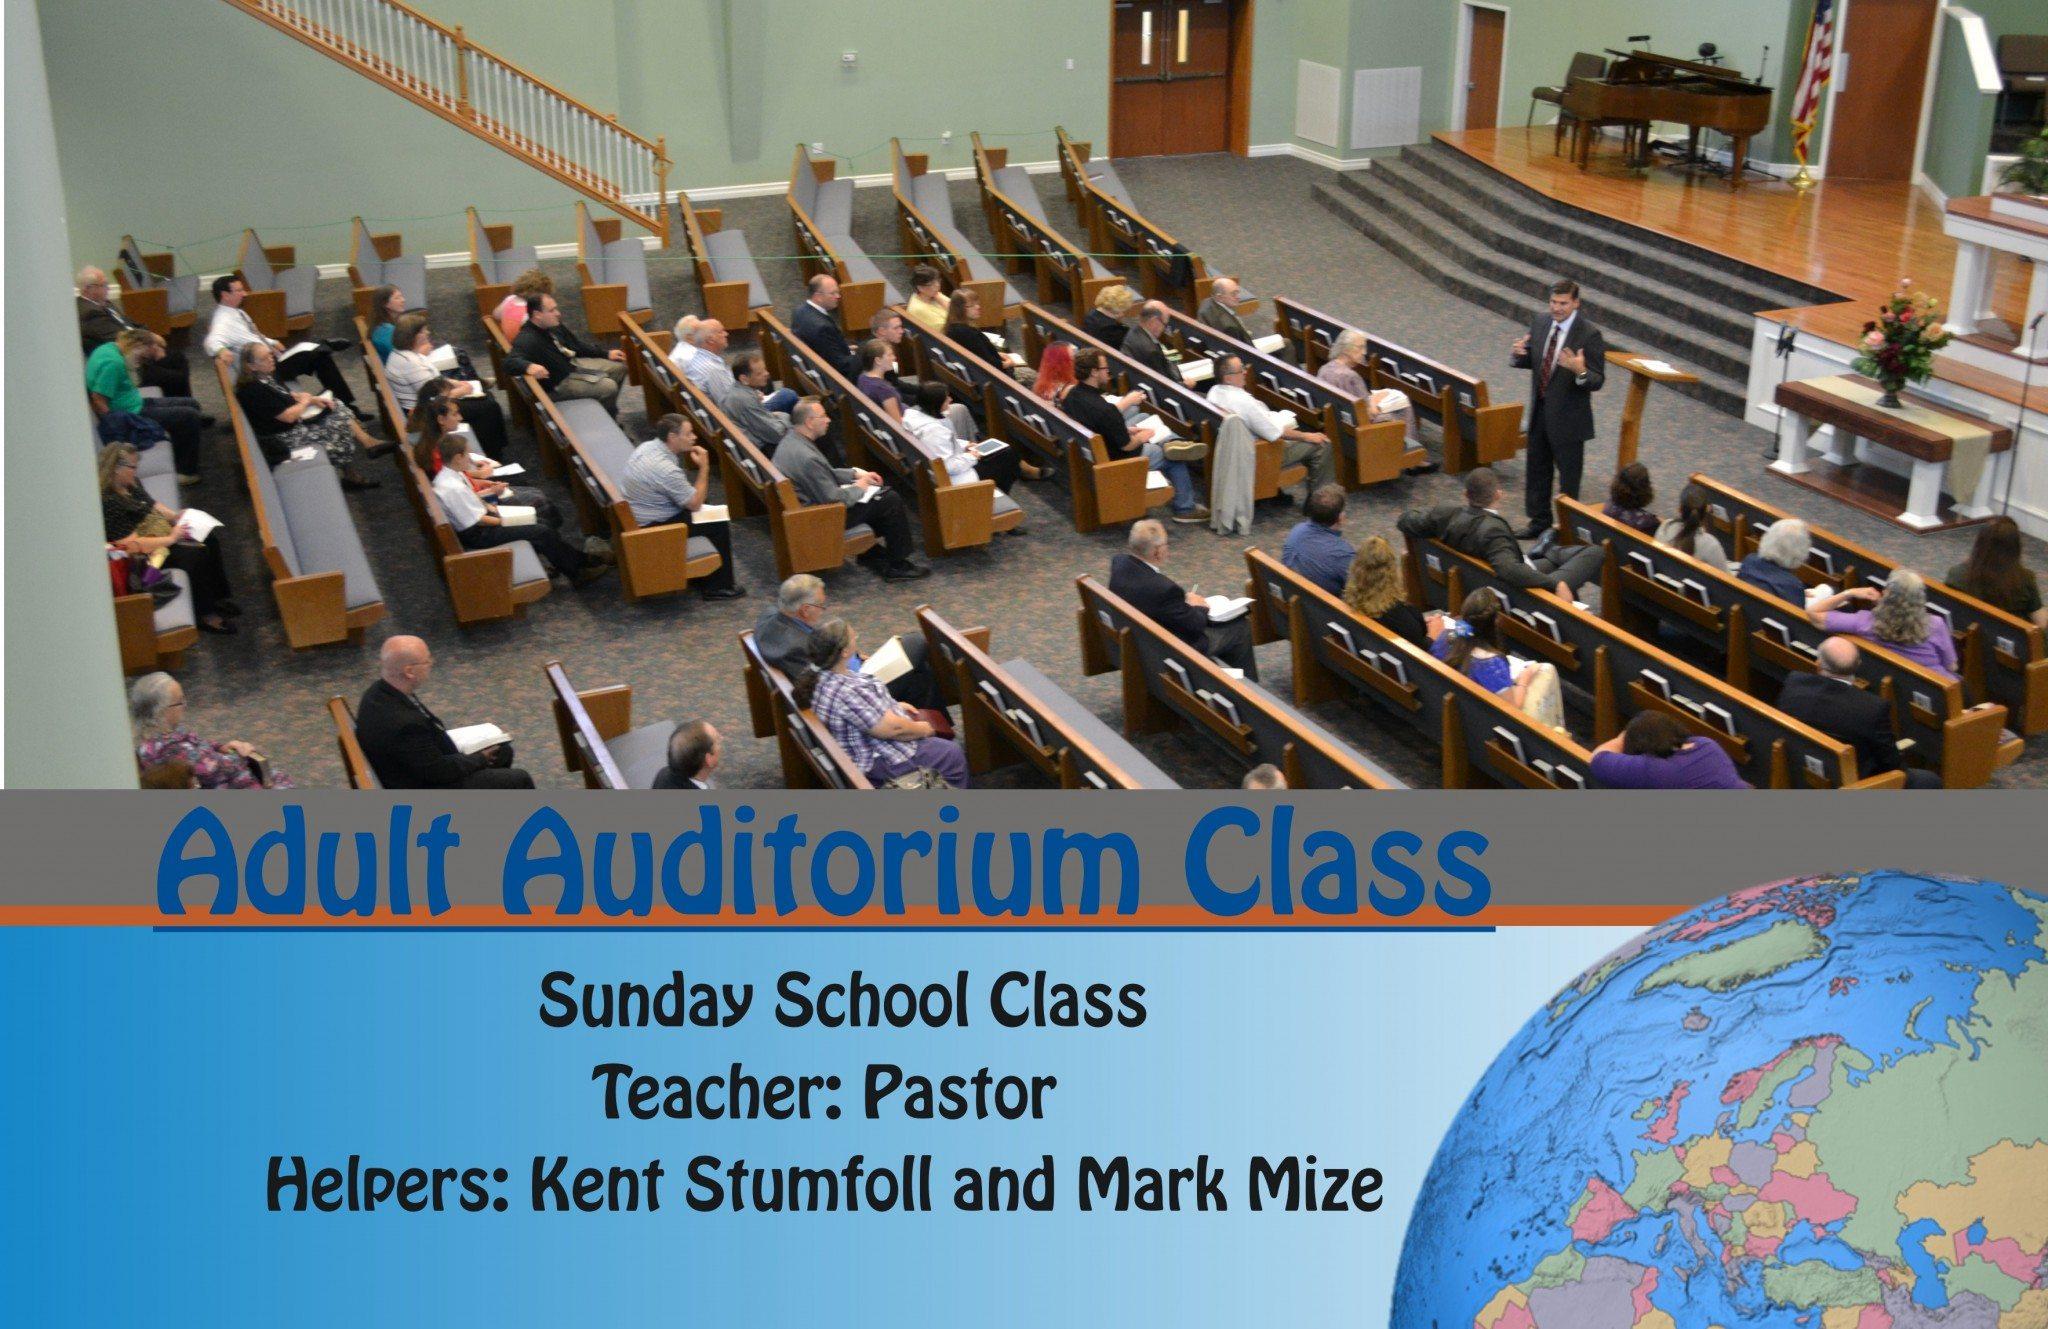 Adult-Auditorium-Class